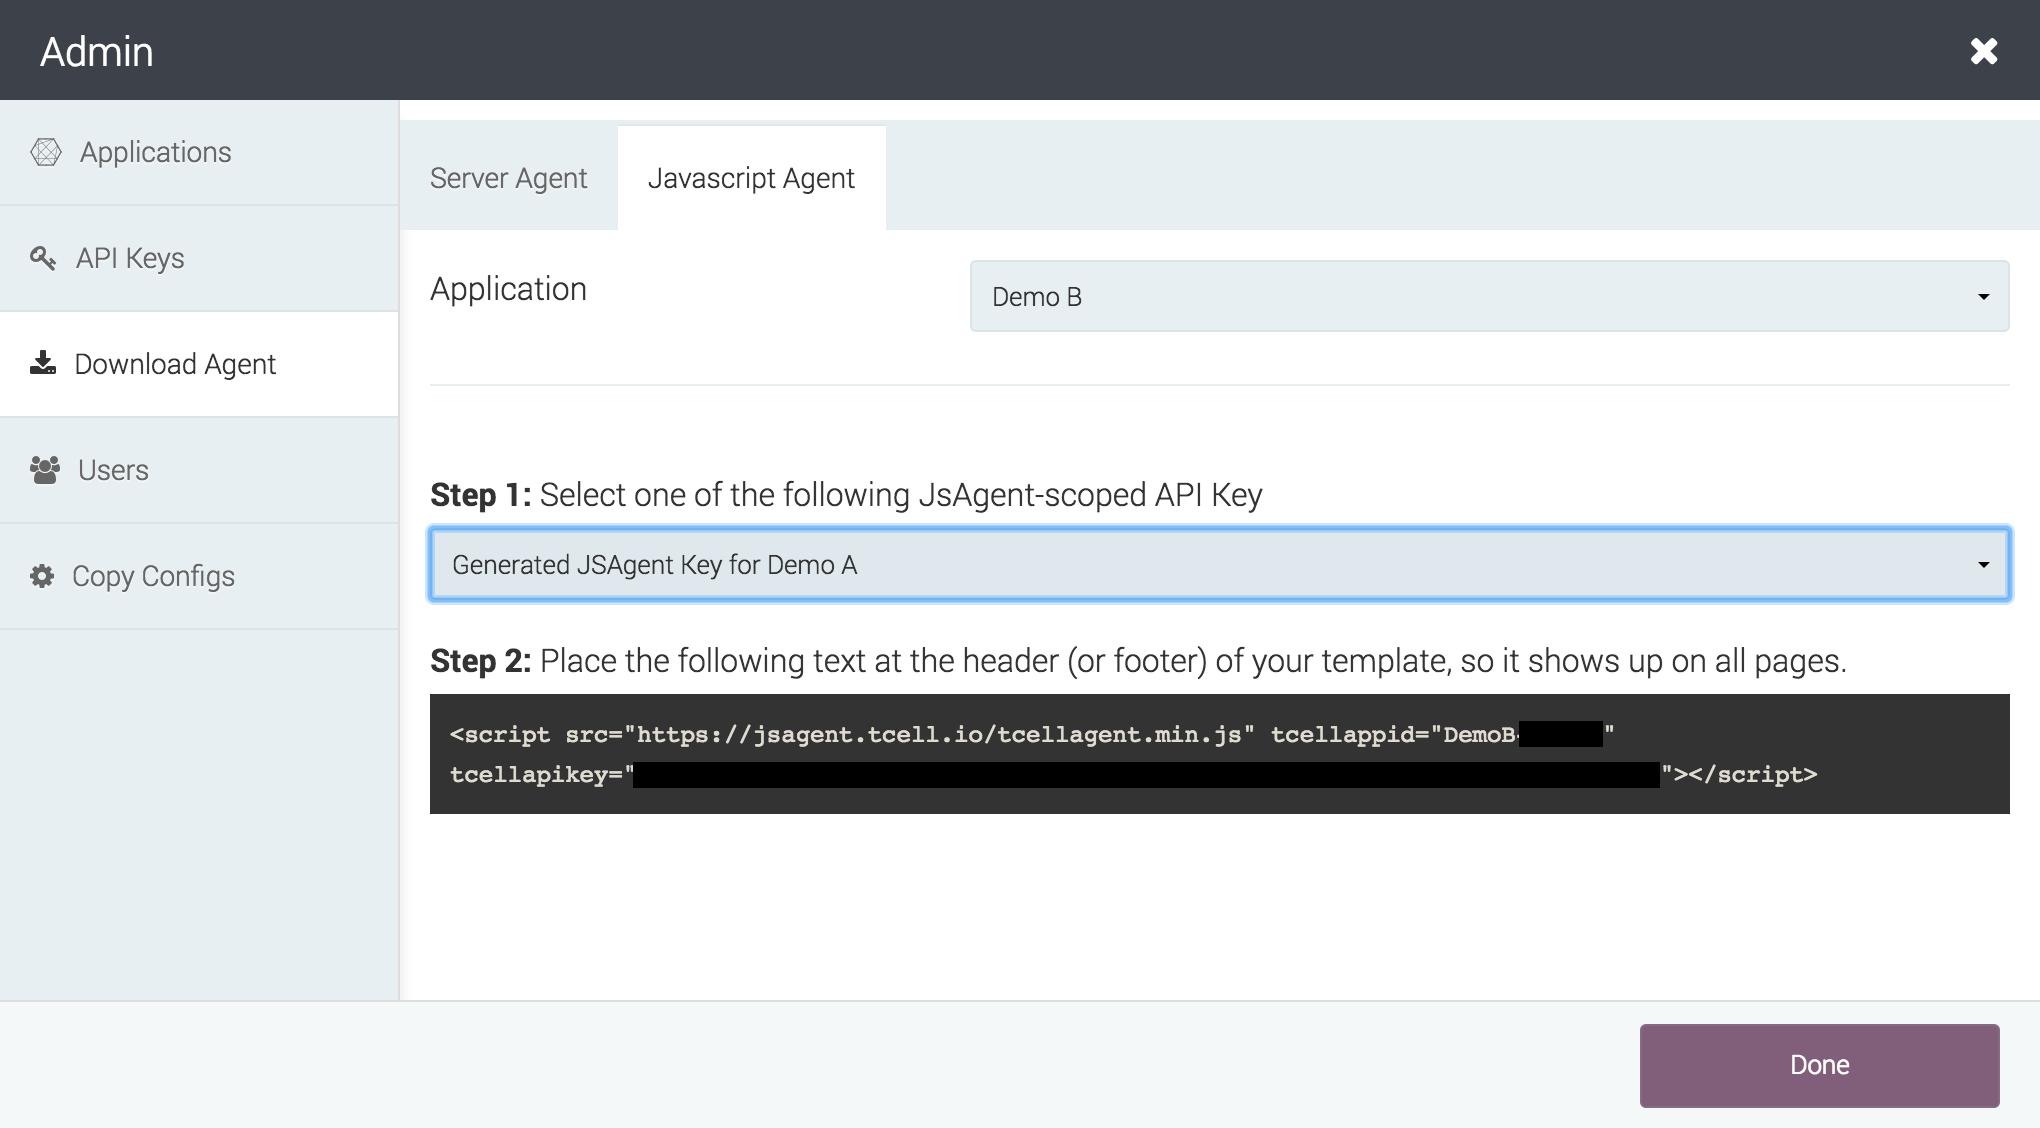 Add JavaScript Agent - Manual